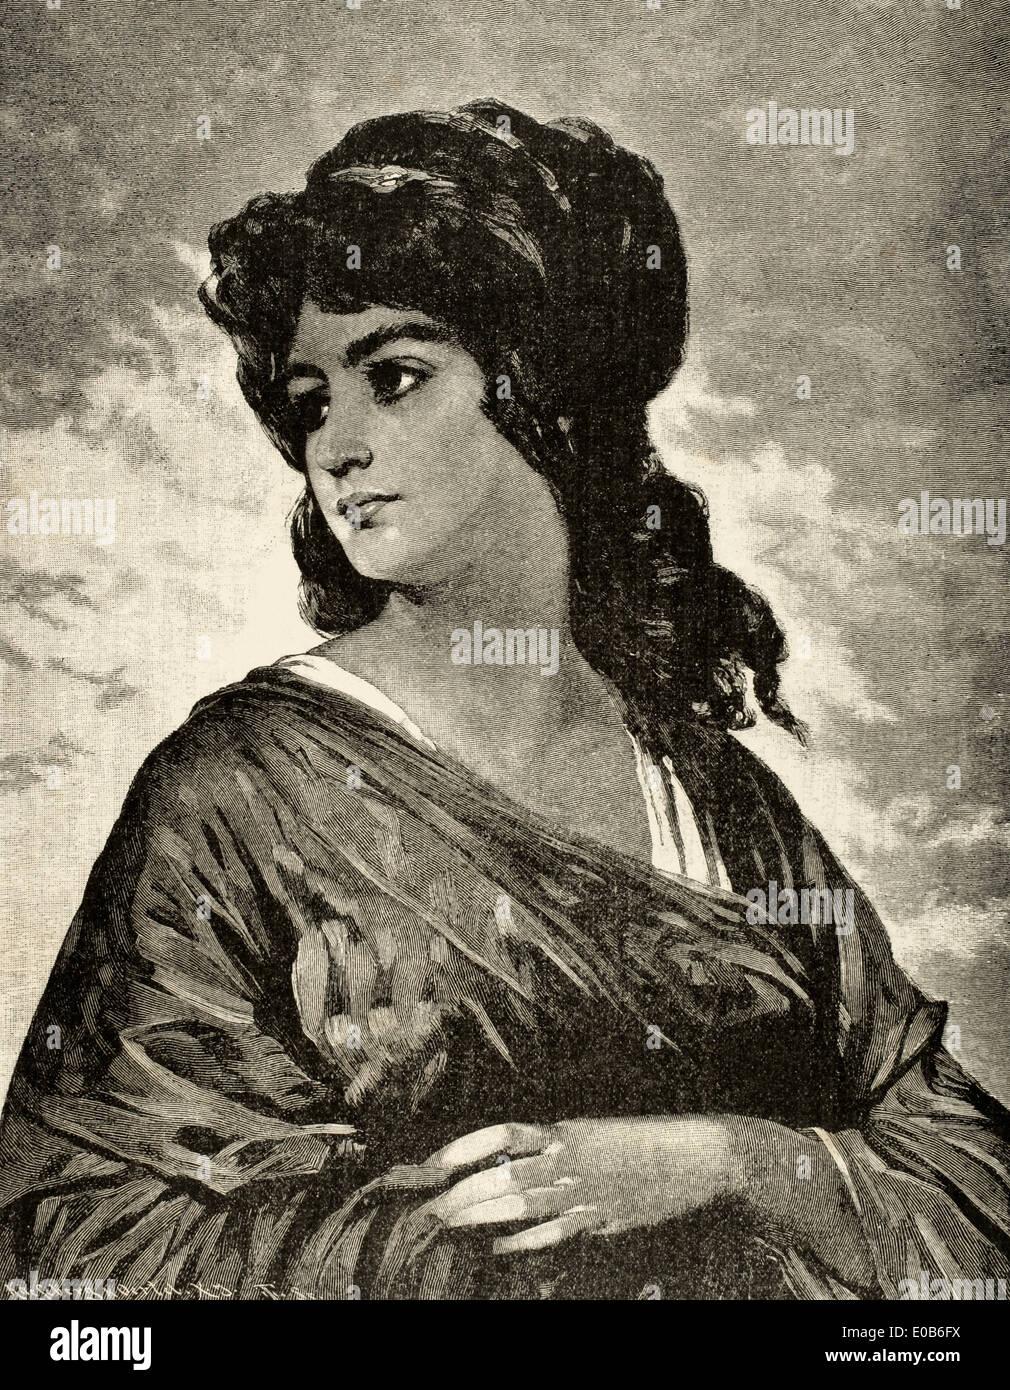 Lucretia (d.510 BC). Wife of Lucius Tarquinius Collatinus. Engraving by Kaesenberg & Oertel. The Illustration, 1884. Stock Photo